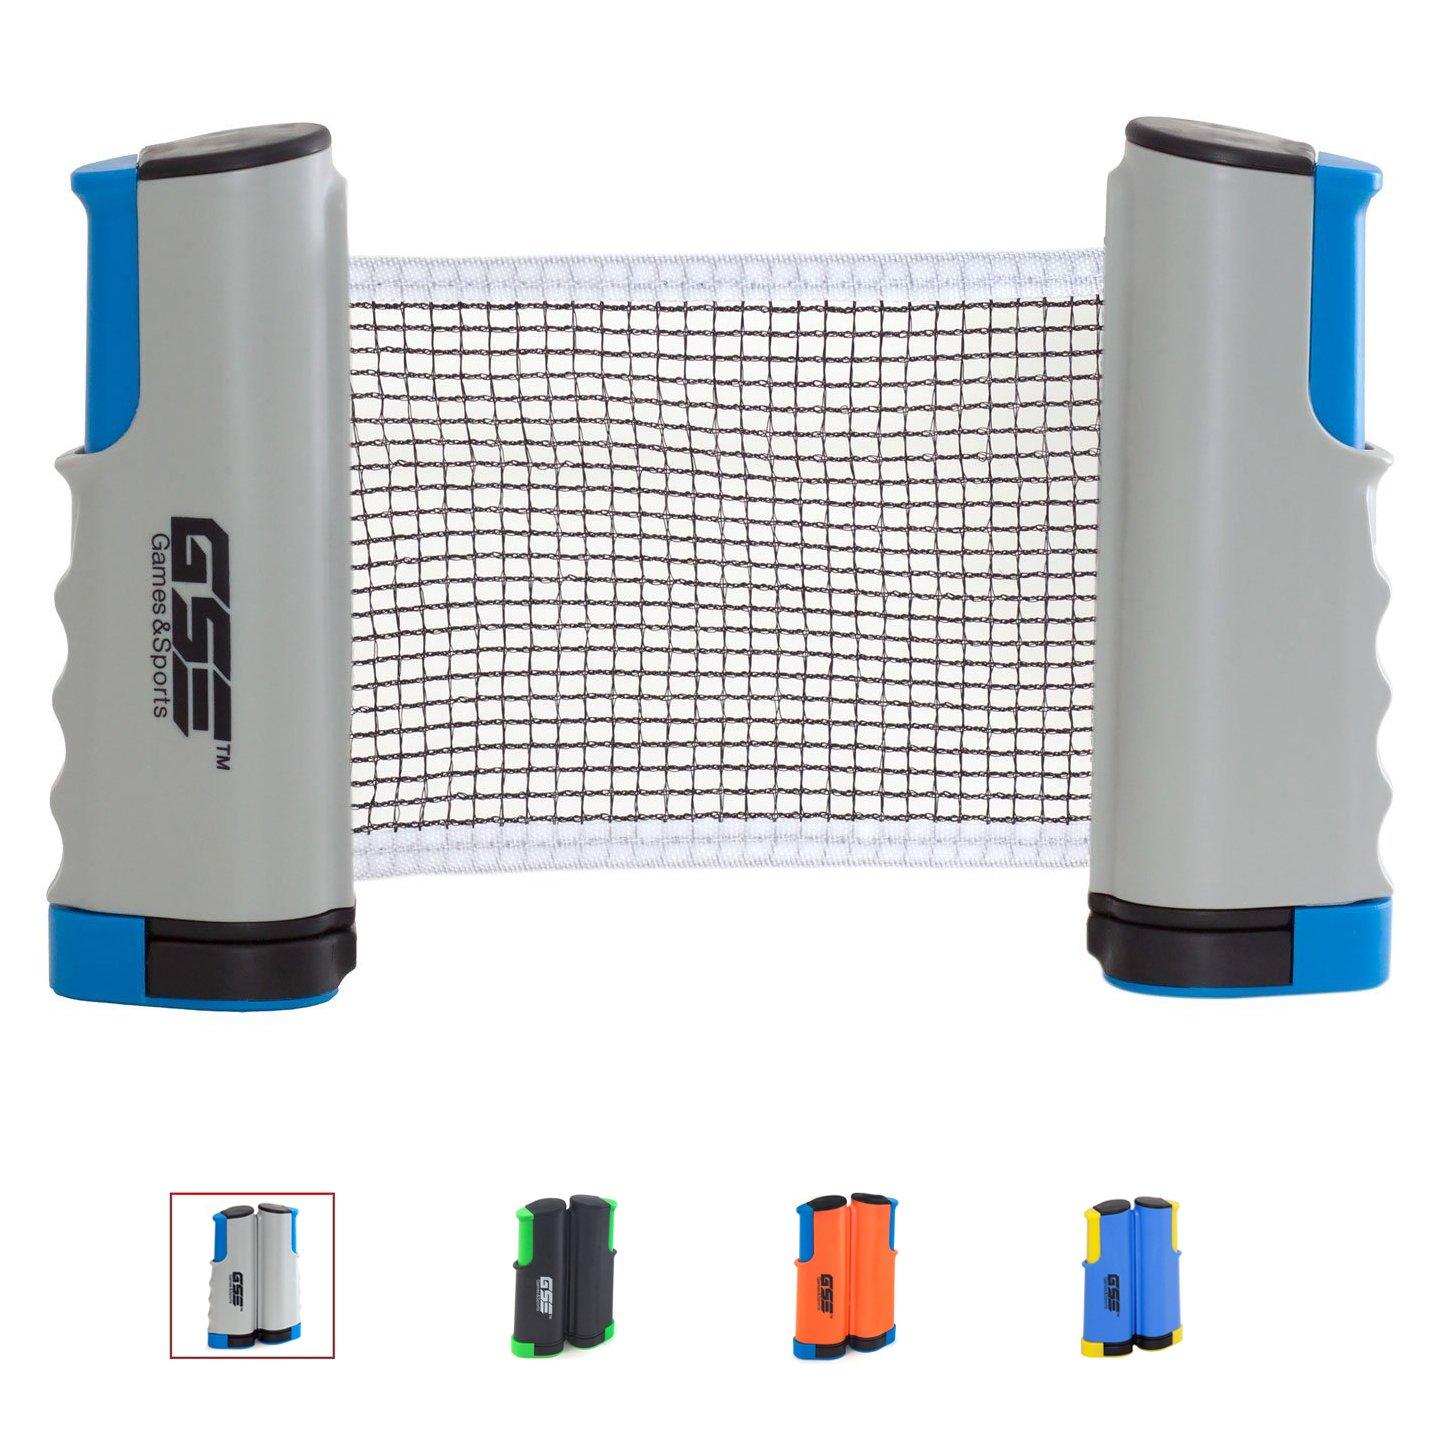 交換用Retractable Table Tennis Ping PongポータブルNet – グレー&ブルーby GSE B078TPNS4J